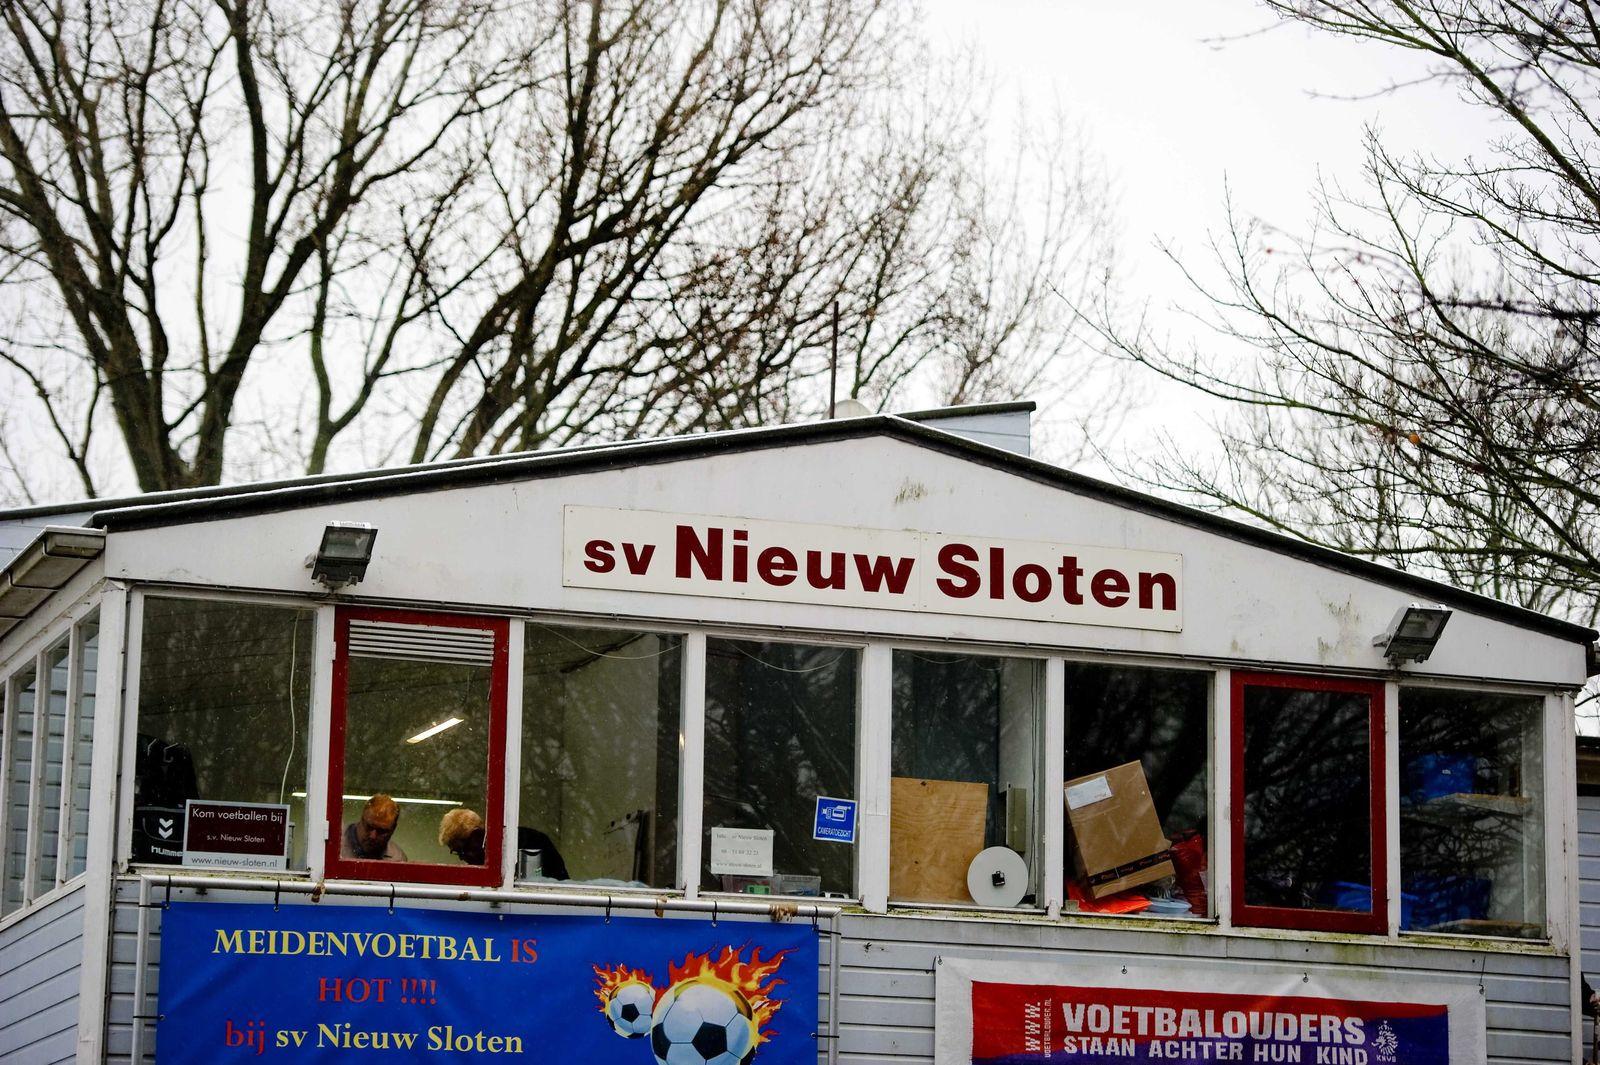 Vereinsheim Nieuw Sloten / Niederlande